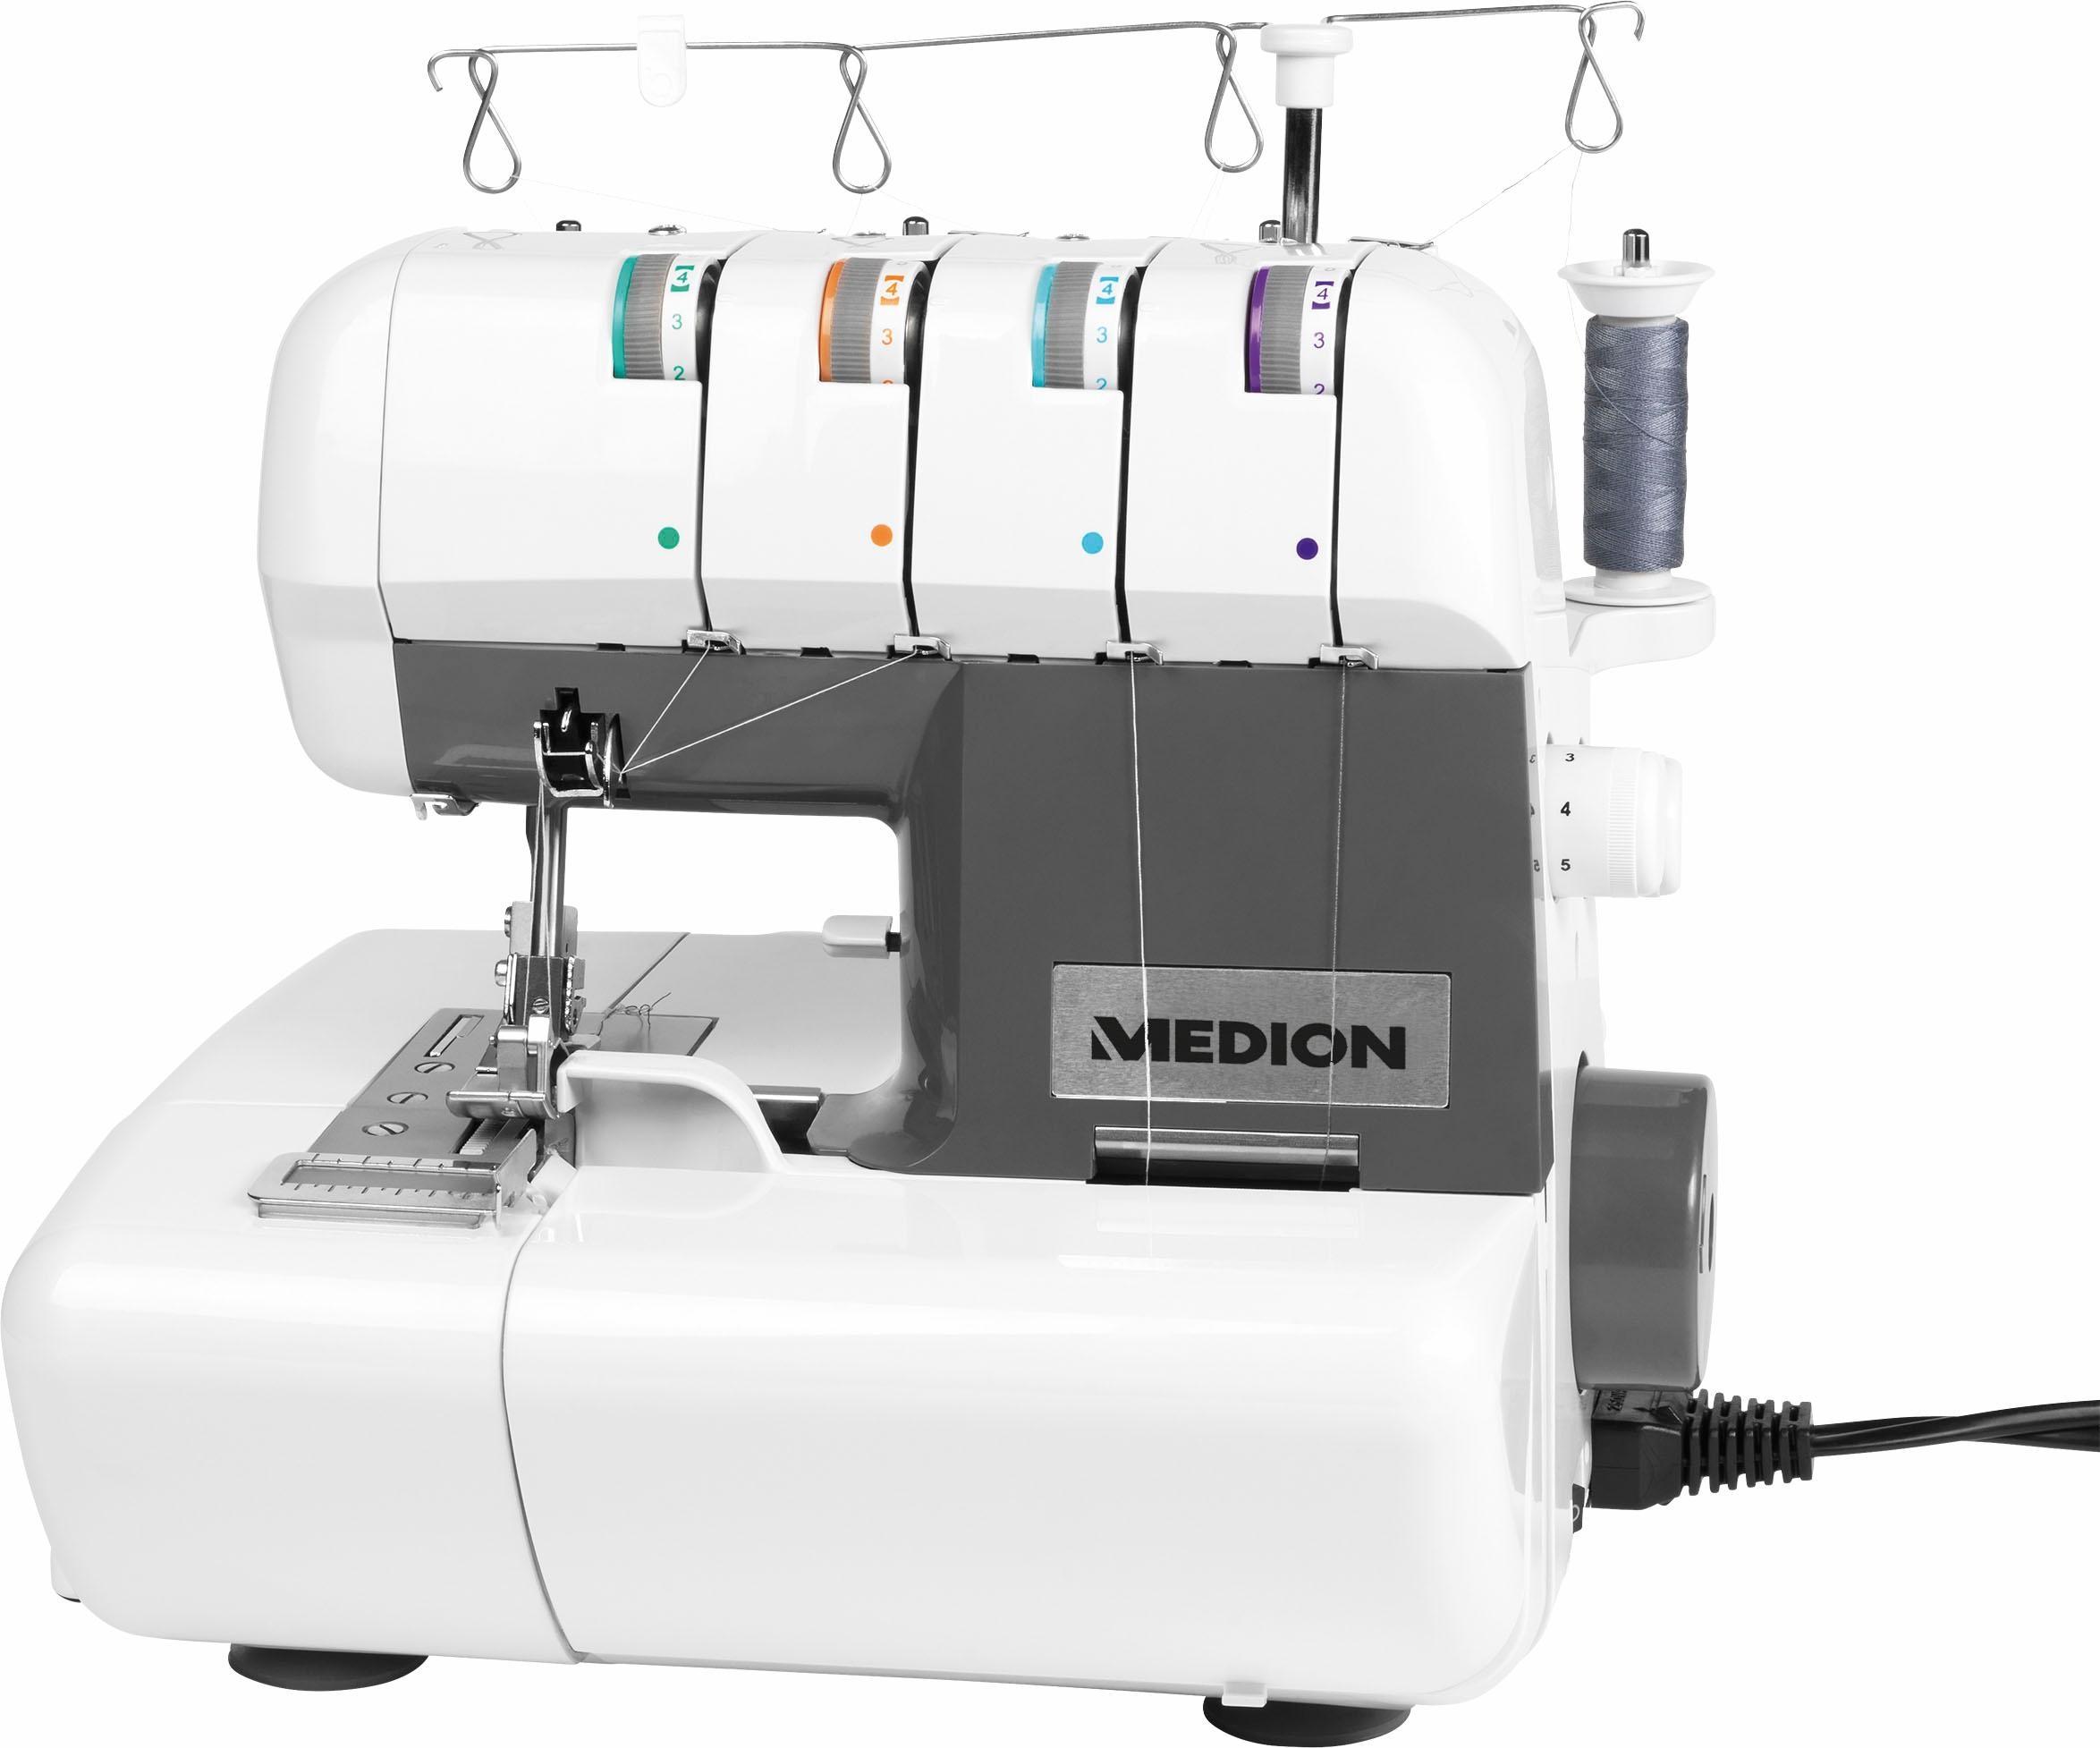 Medion® Overlock-Nähmaschine 50050244/ MD 16600   Flur & Diele > Haushaltsgeräte > Strick und Nähmaschinen   Weiß   MEDION®